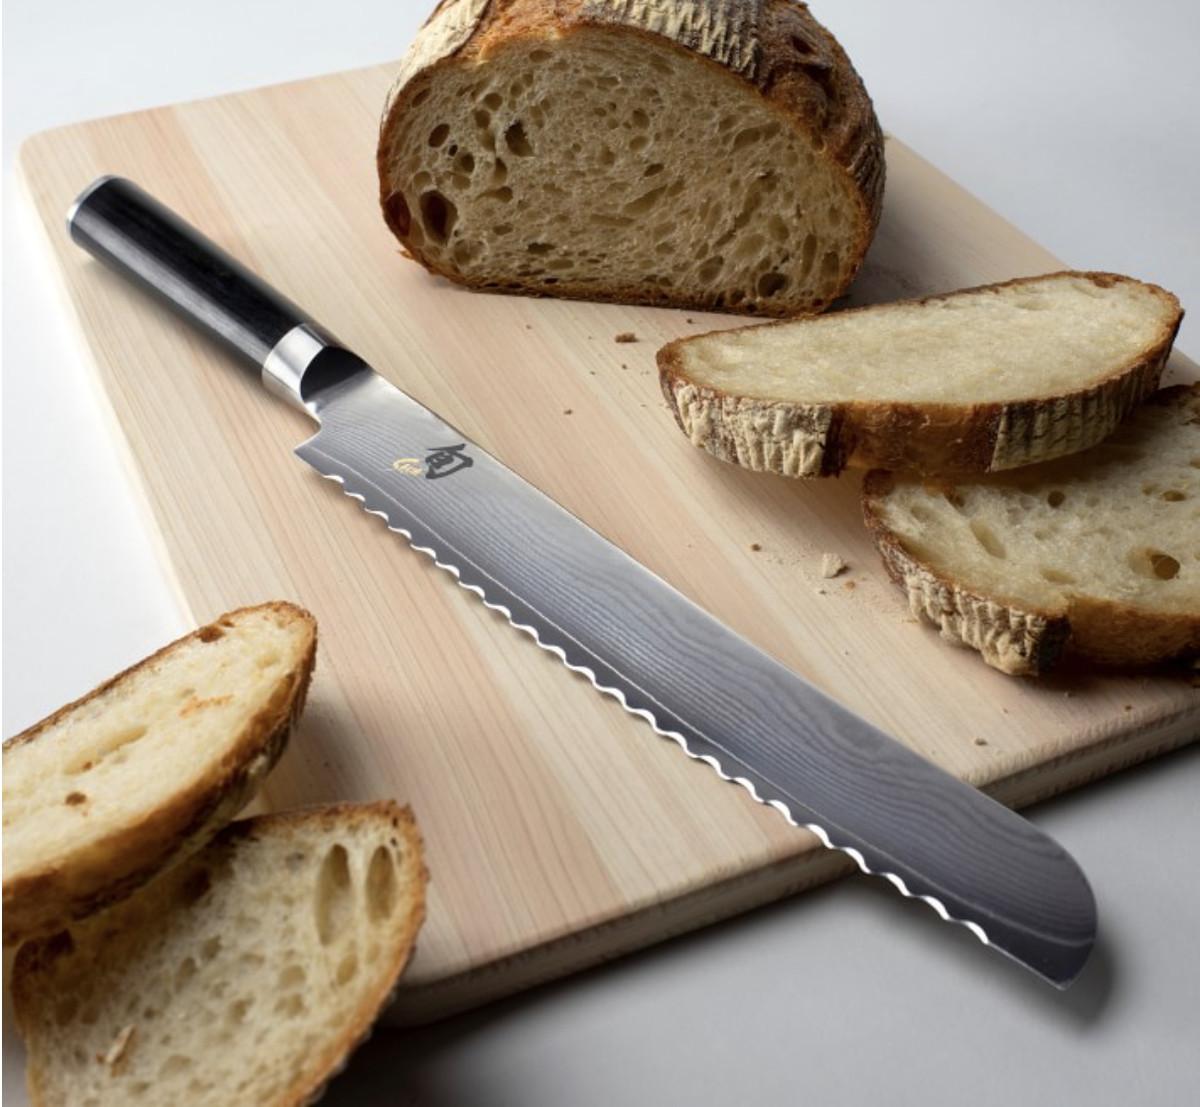 Avoid bread knives